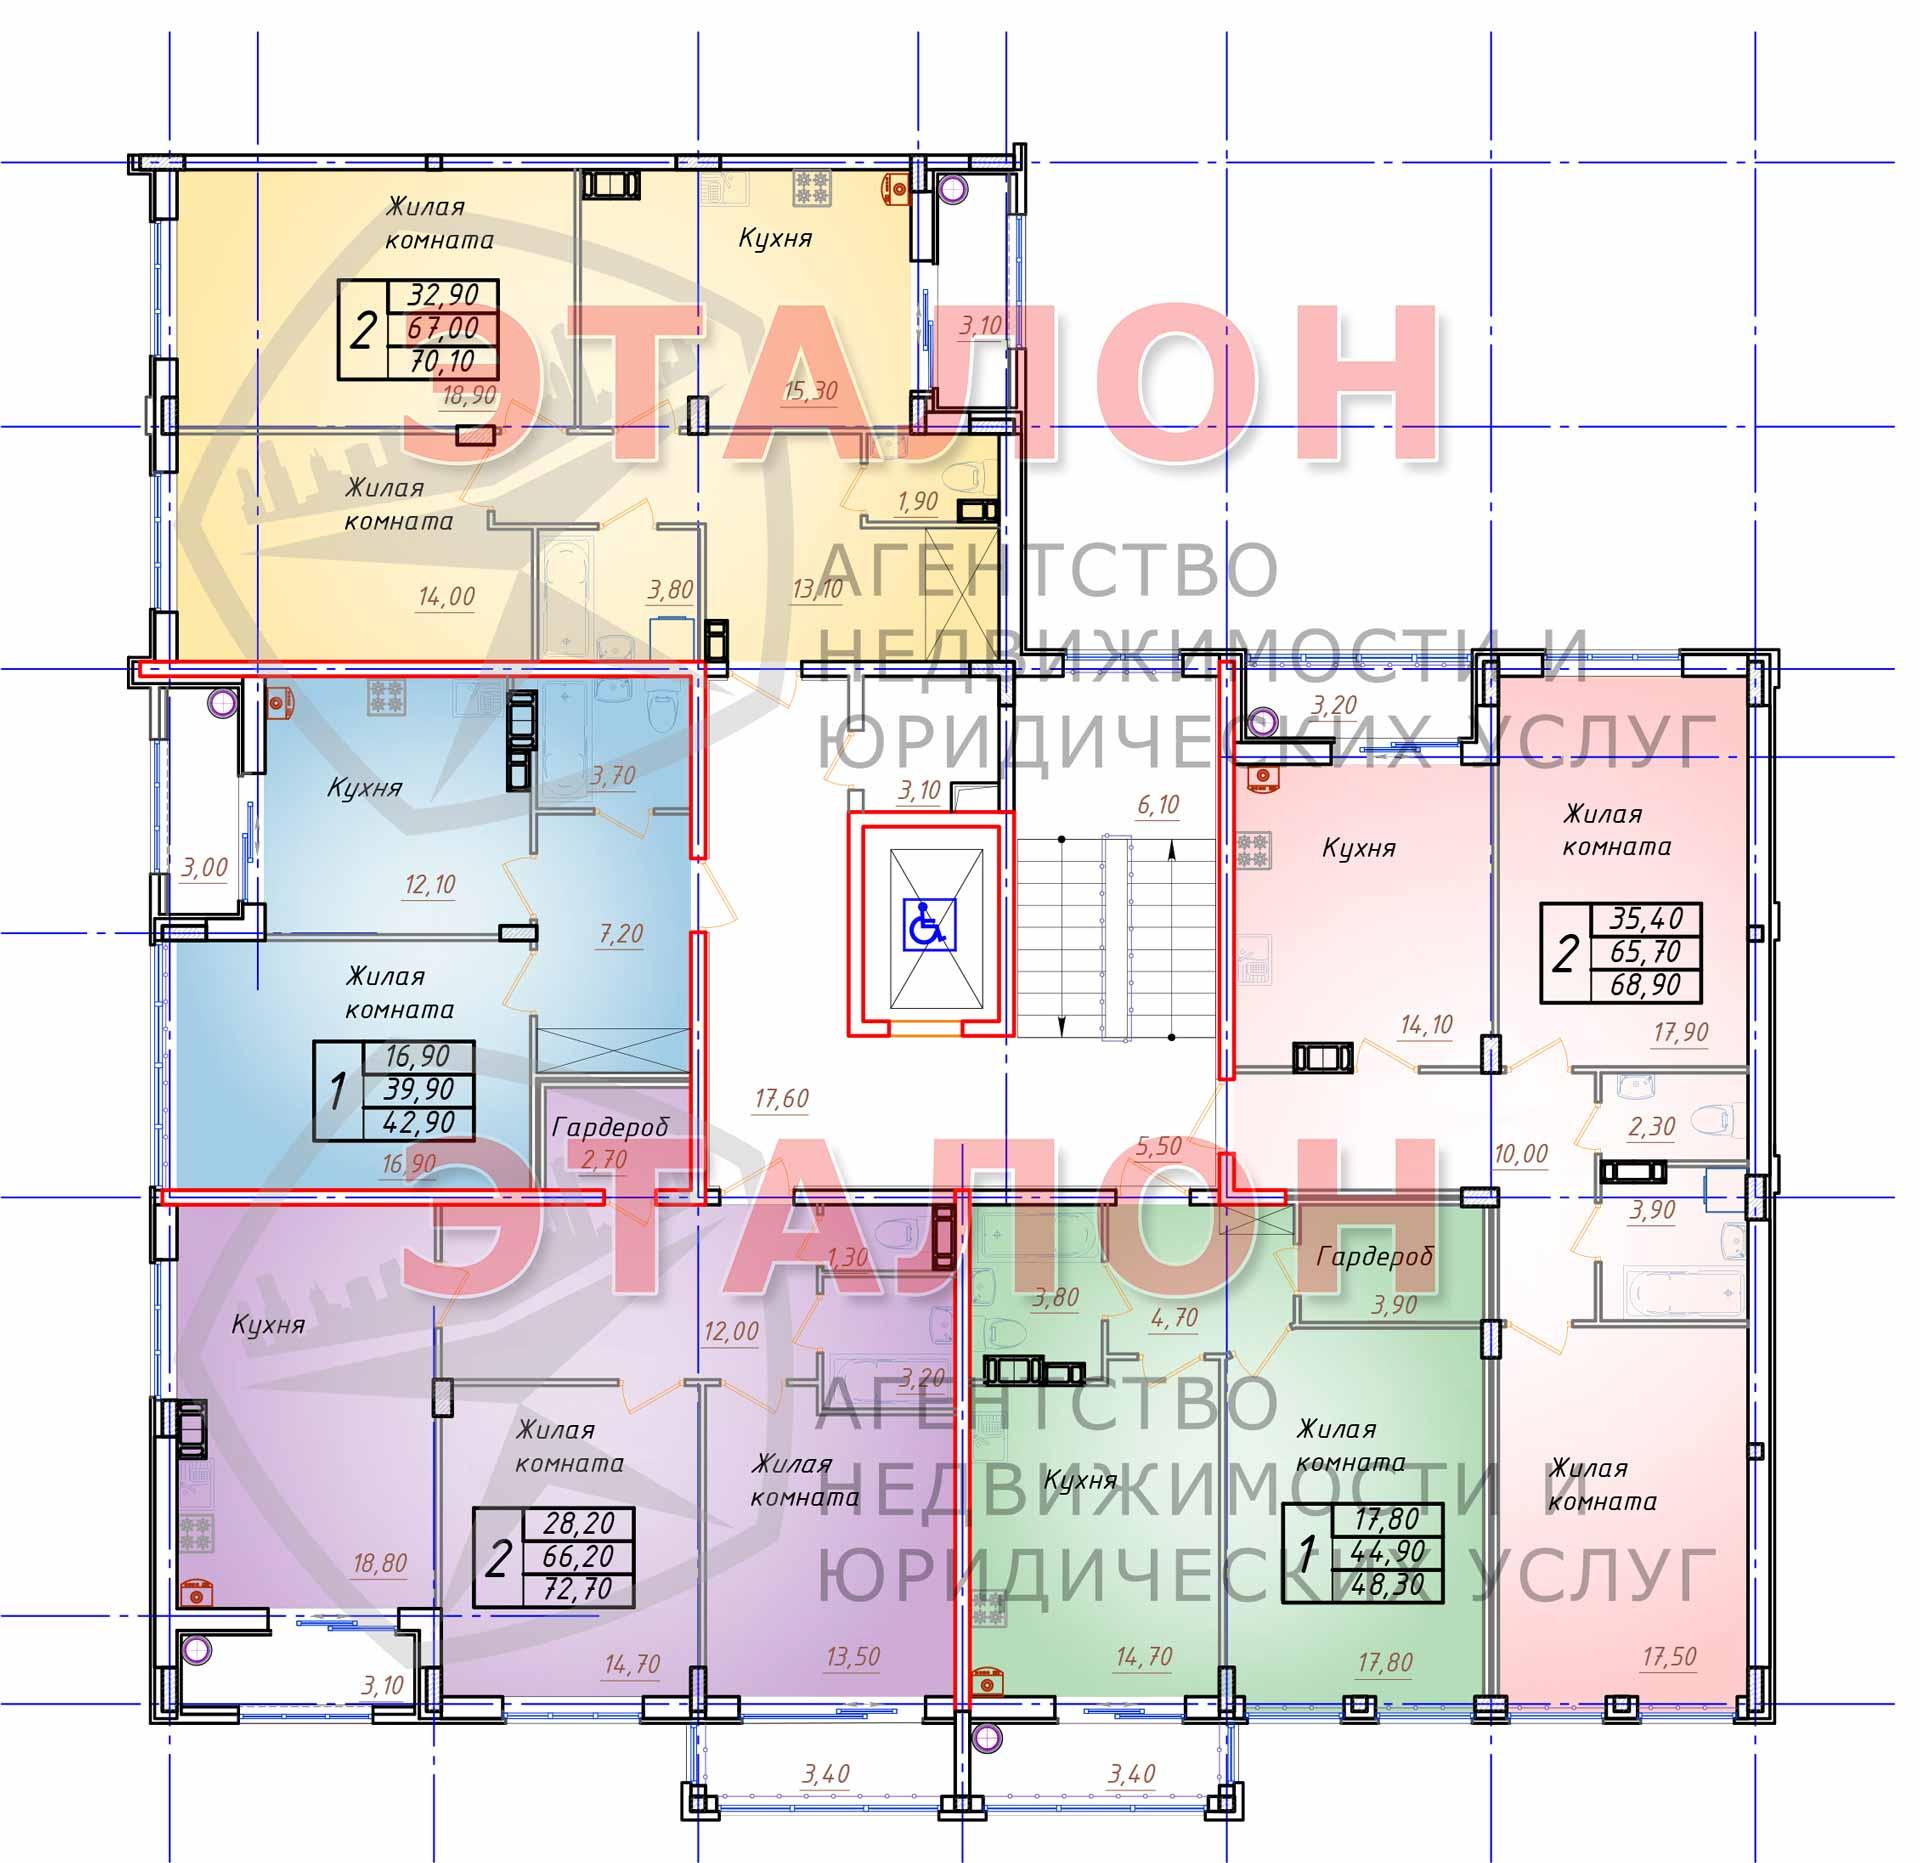 Блок 1. Подъезд 1. План 4-го - 8-го этажа